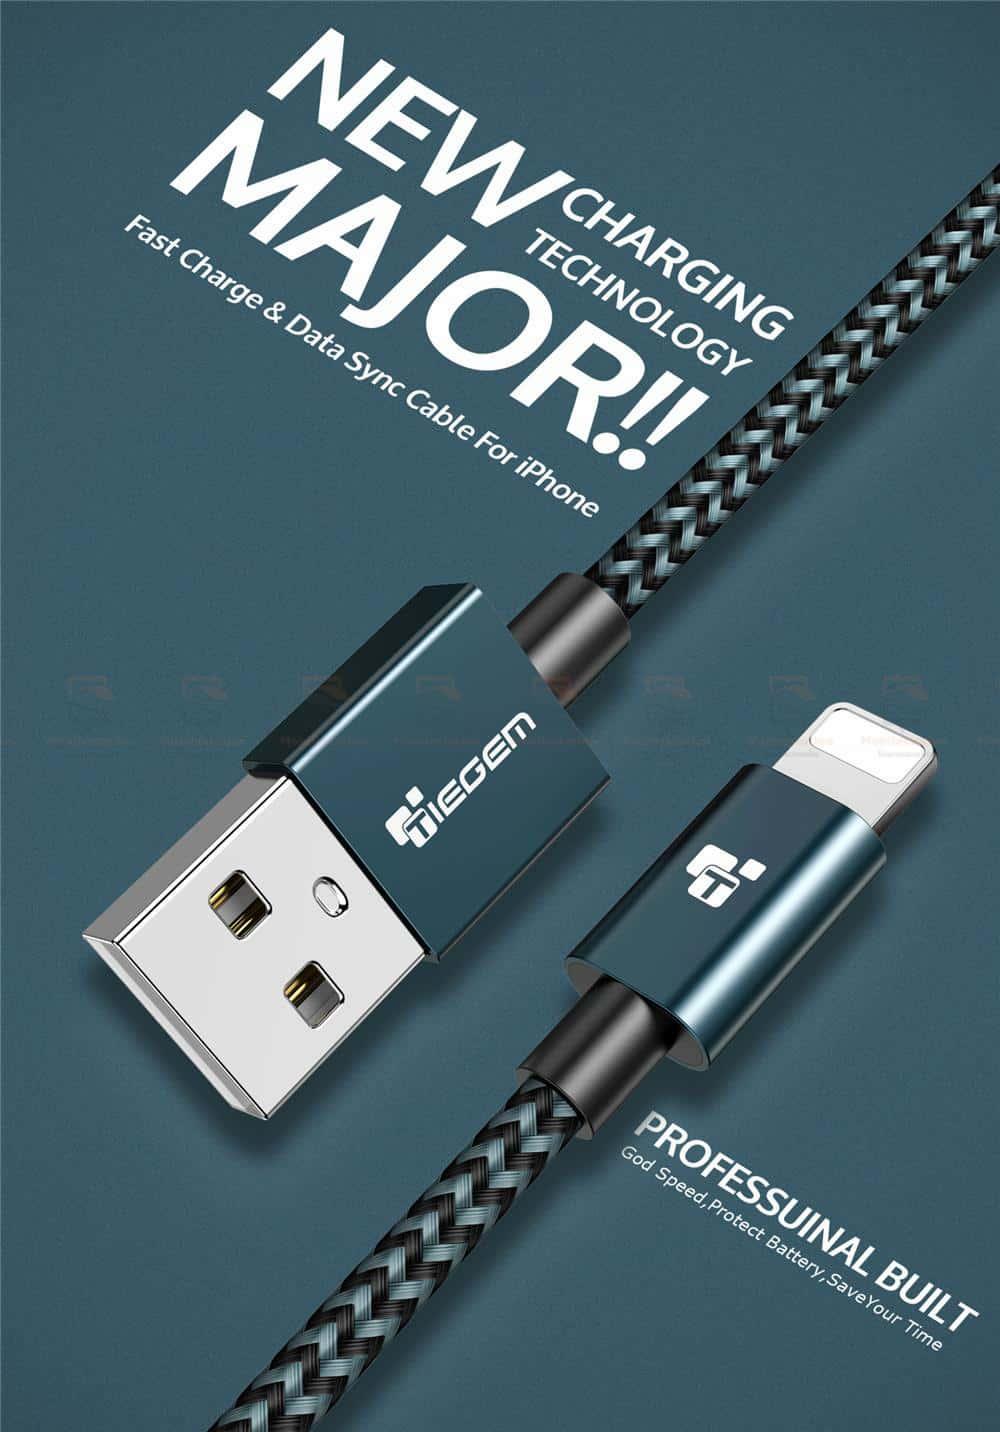 สายชาร์จไอโฟน Tiegem Tanpow Series USB Charger Cable for iPhone X-7-8-6-5 Cable Fast Charger 1